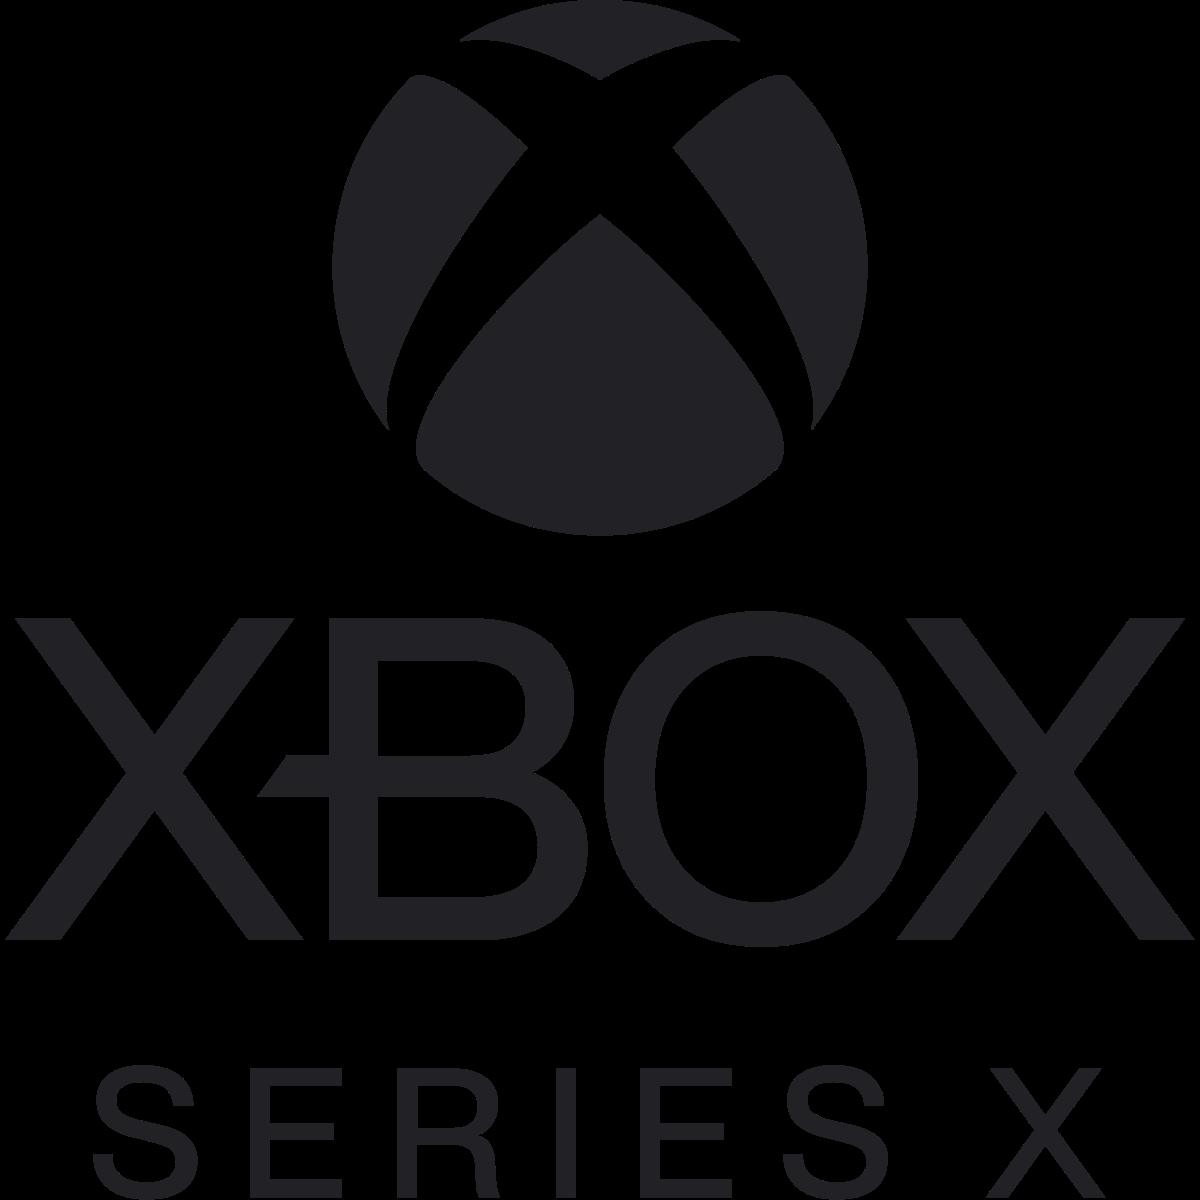 【過年備稿-6】2020 年最重要的大事!Xbox Series X、PS5 情報總整理